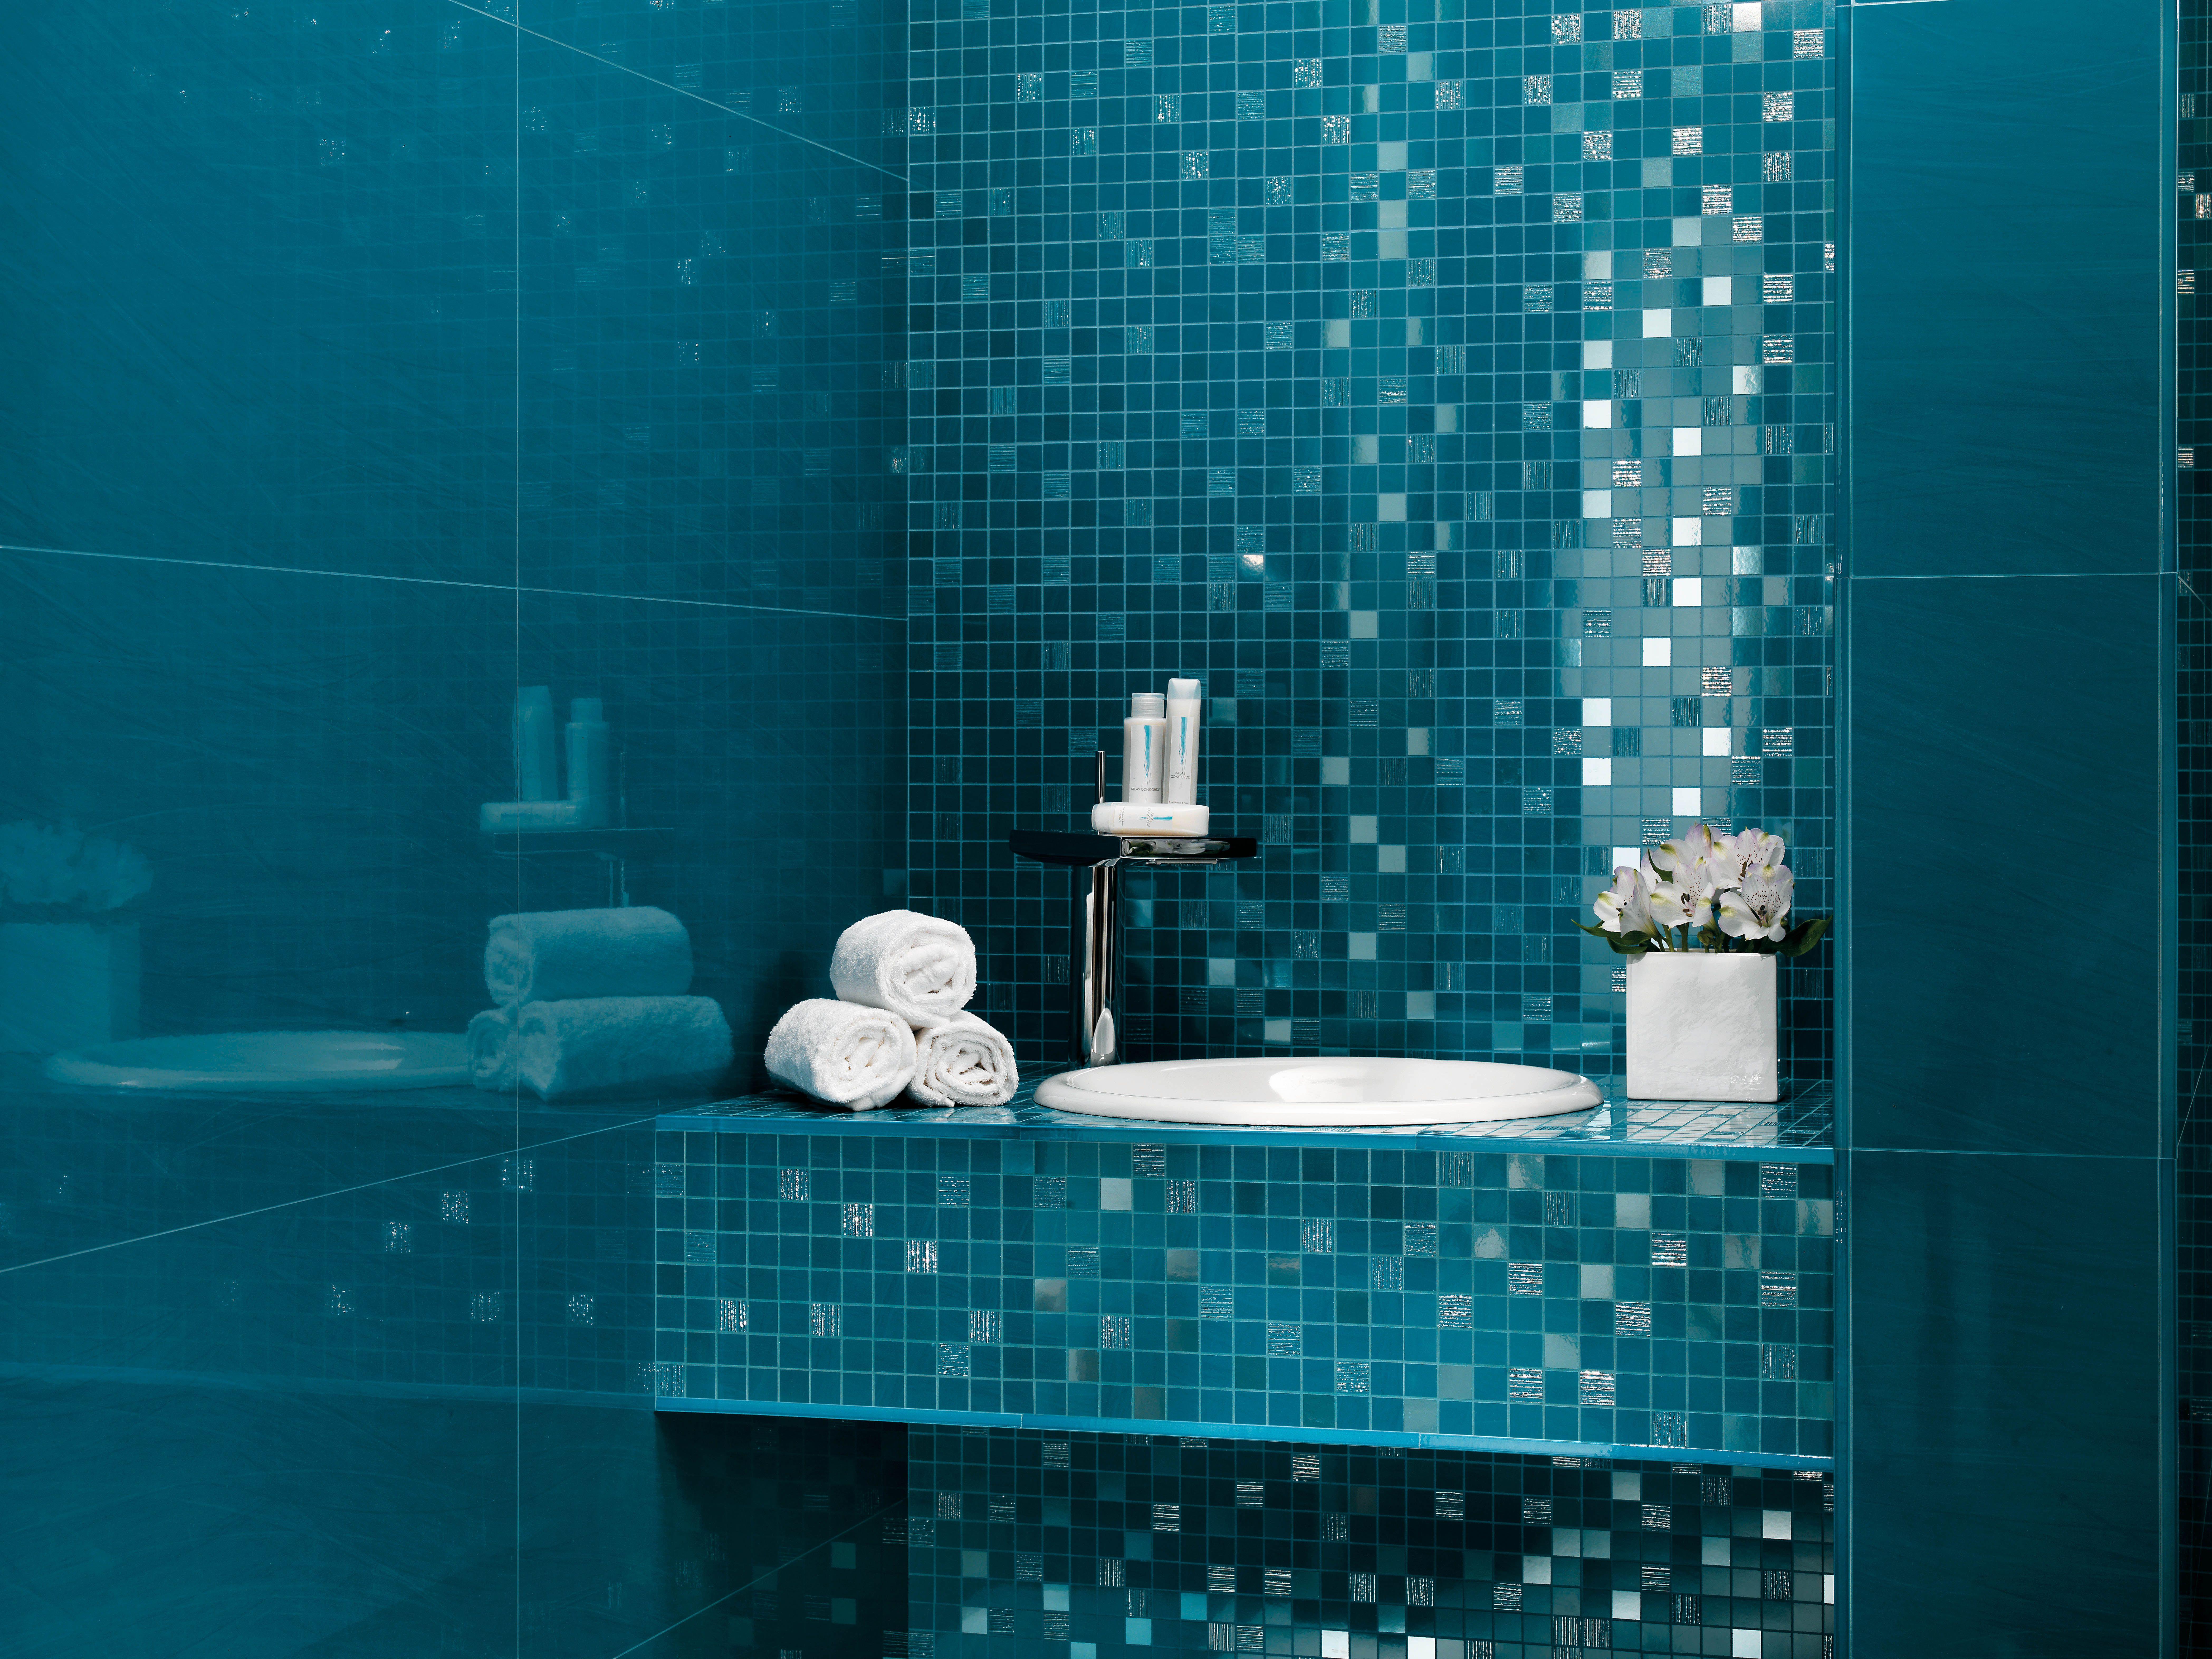 Magnifique ceramic tiles by Atlas Concorde reminds us of a deep blue ...